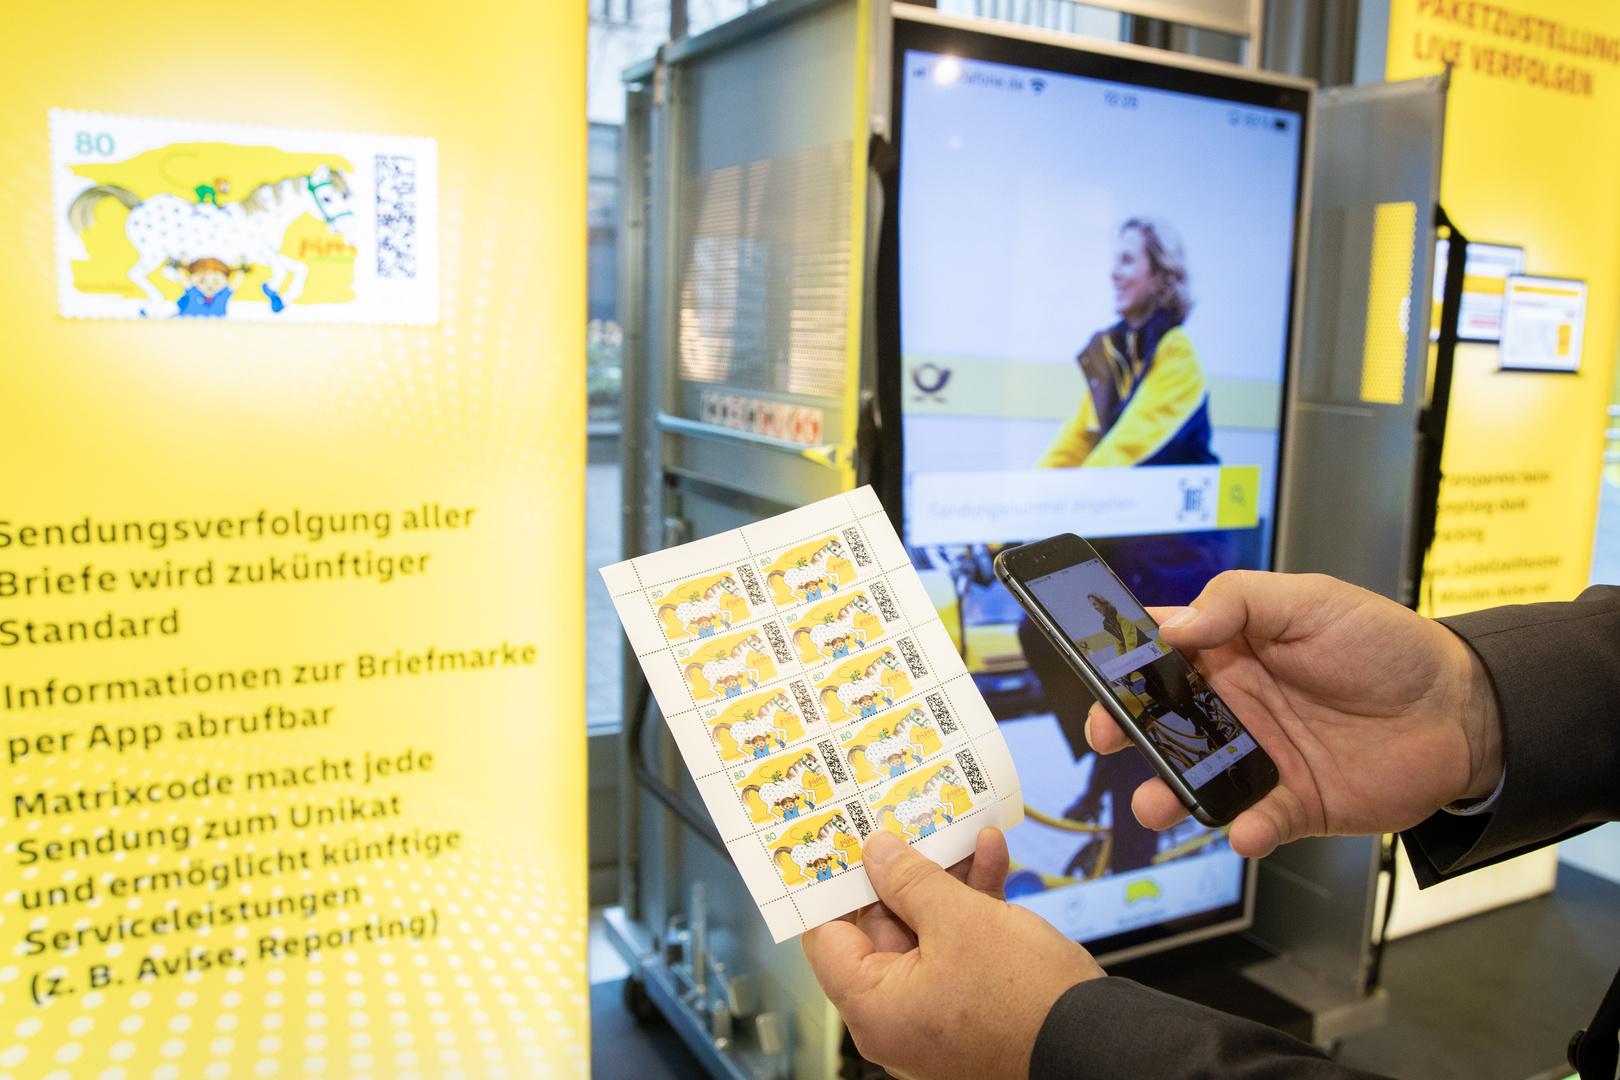 Die mobile Sendungsverfolgung erfolgt über digitale Briefmarken und sogenannte Matrixcodes